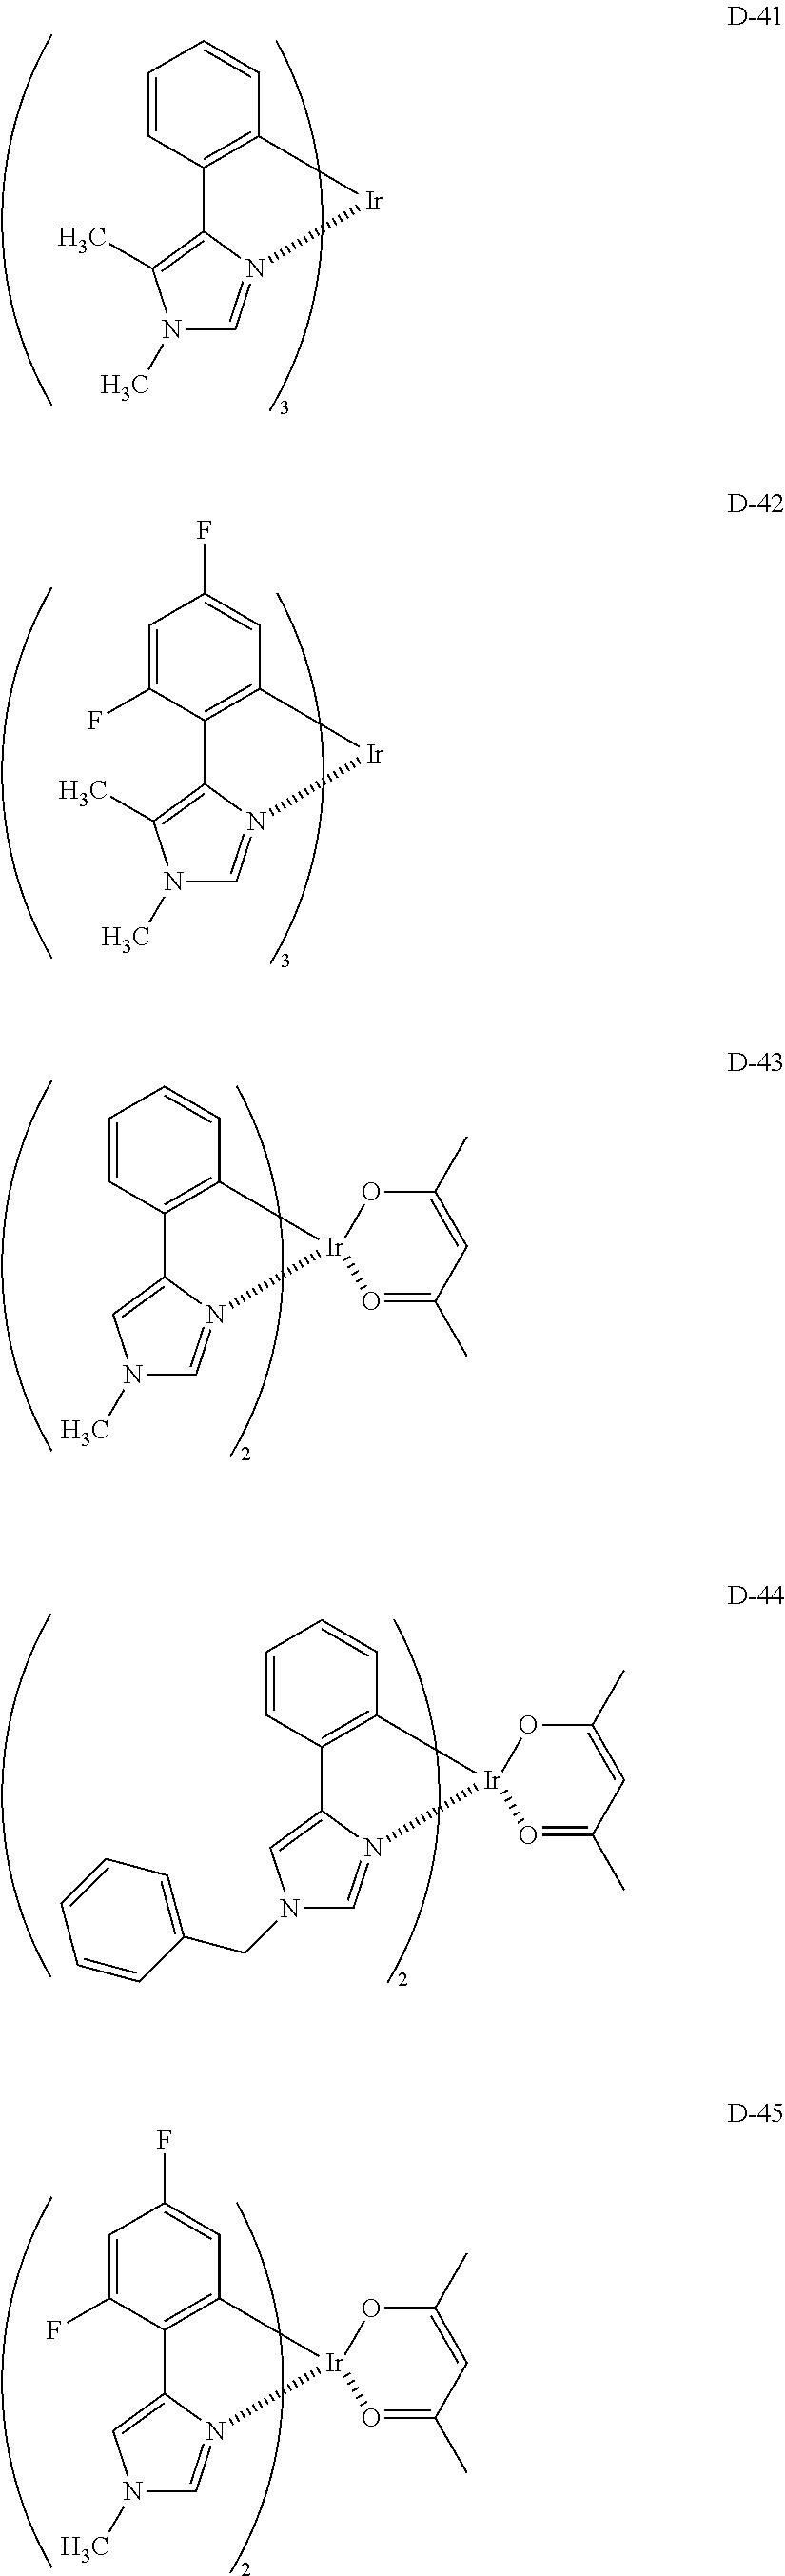 Figure US09935269-20180403-C00073